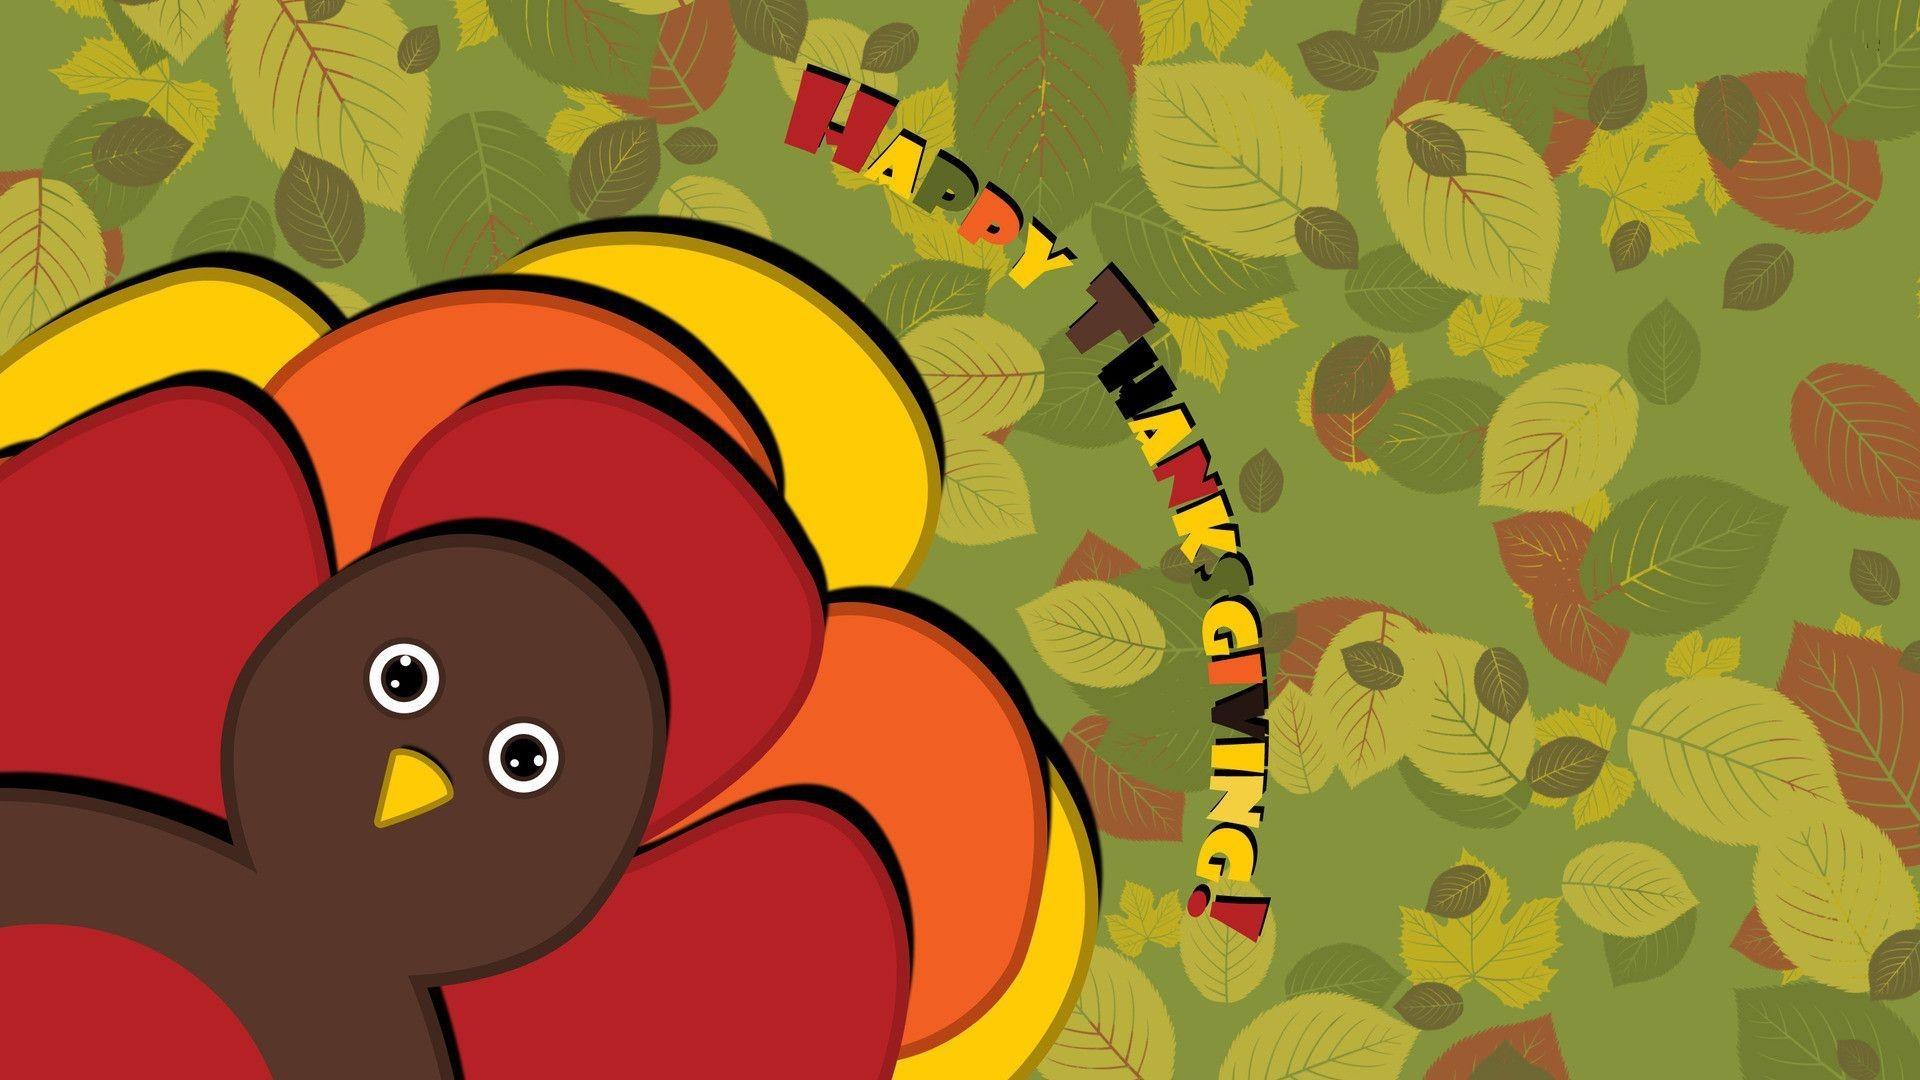 … cute thanksgiving wallpaper for desktop wallpapercraft …